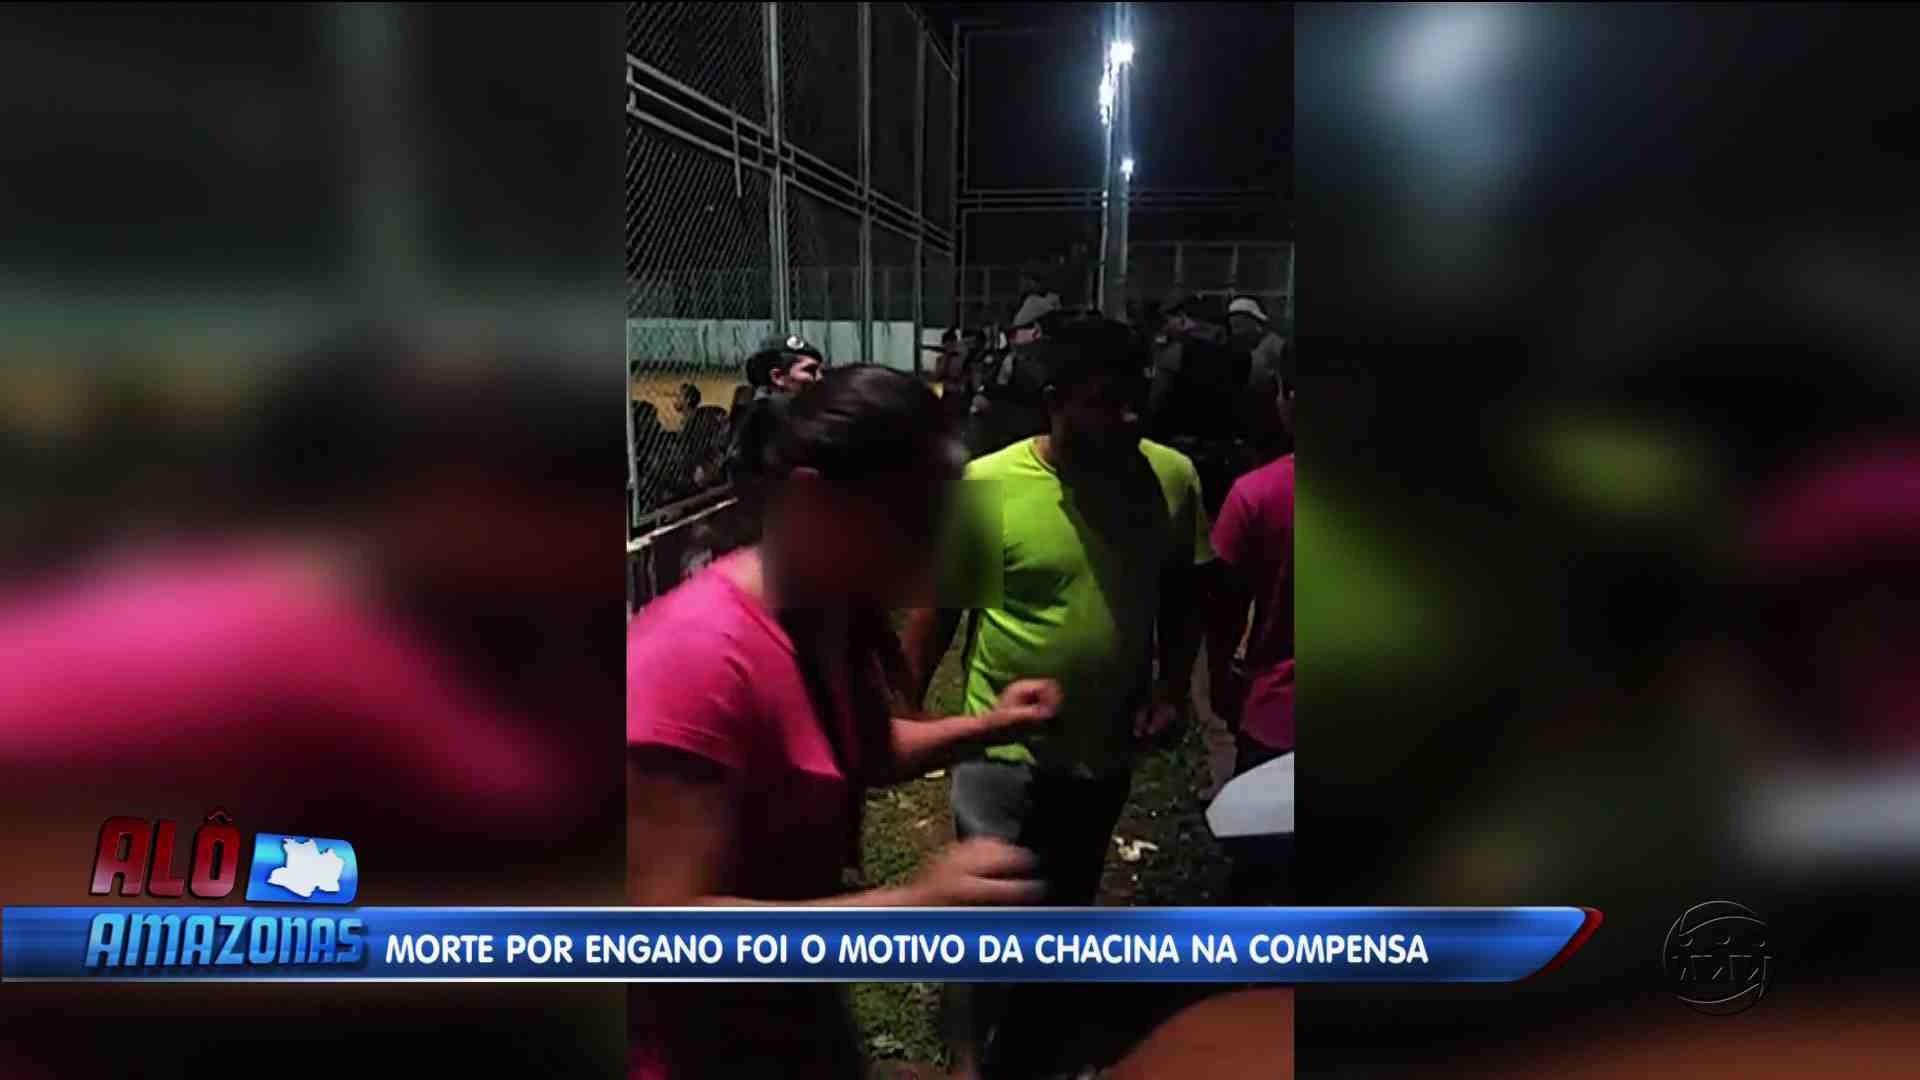 MORTE POR ENGANO FOI O MOTIVO DA CHACINA NO BAIRRO COMPENSA - Alô Amazonas 15/12/17